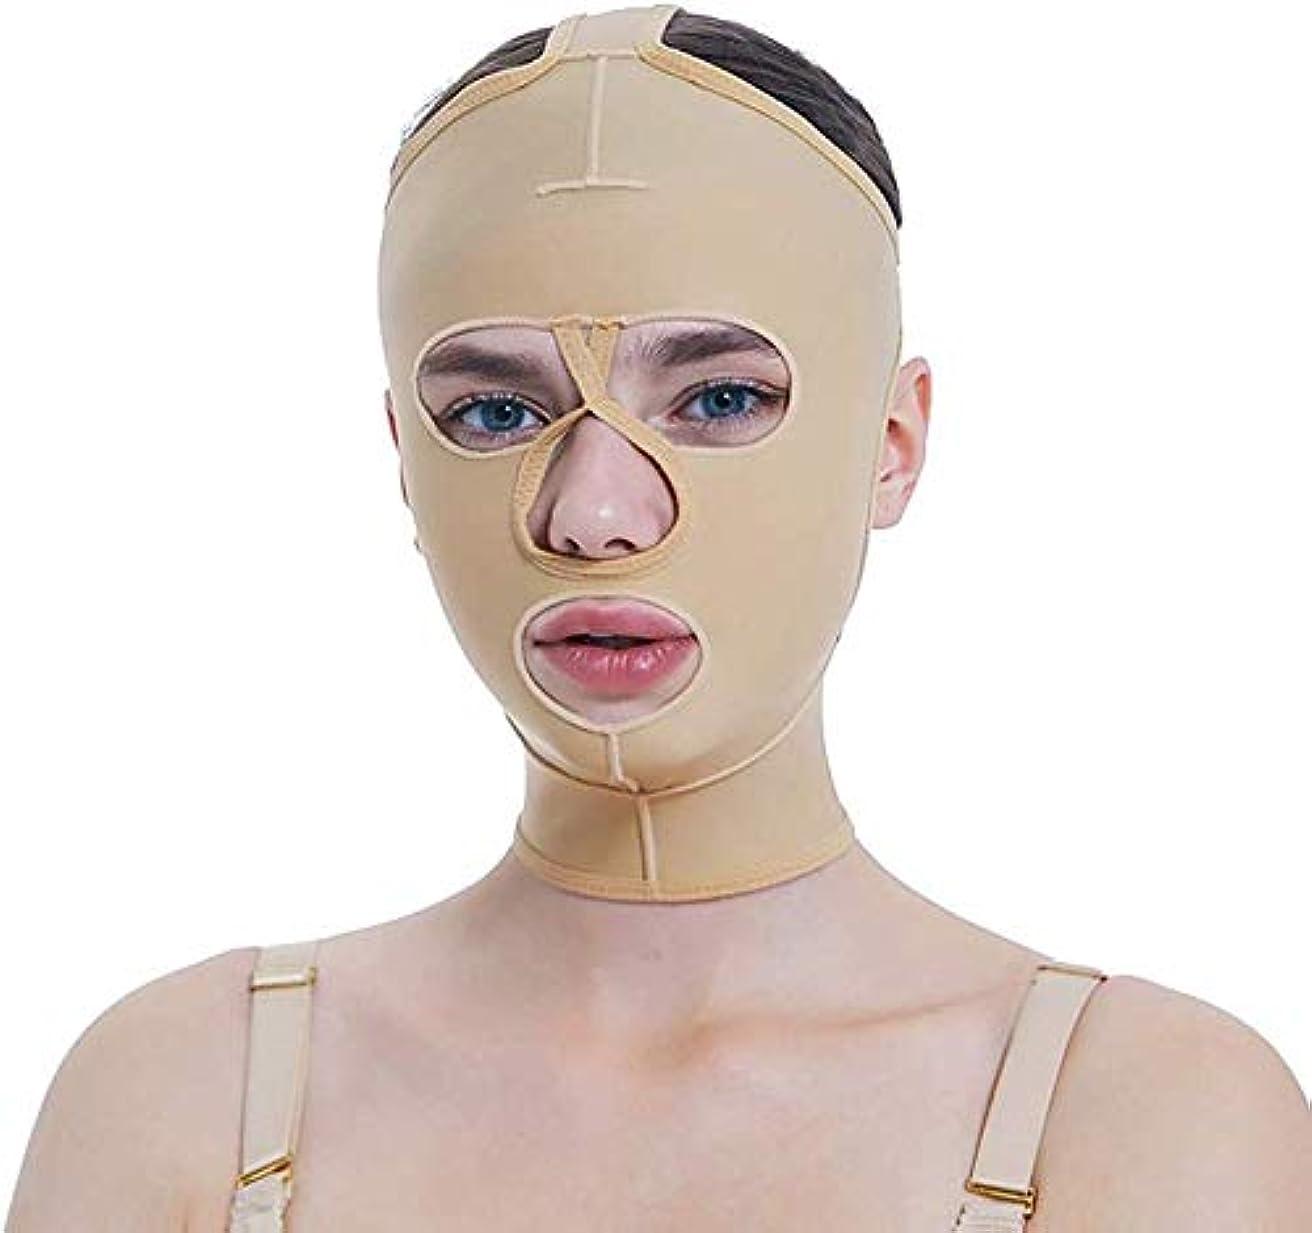 処方するジェスチャーサーマルスリミングVフェイスマスク、脂肪吸引術成形マスク、薄いフェイスウィッグVフェイスビームフェイス弾性スリーブマルチサイズオプション(サイズ:S)